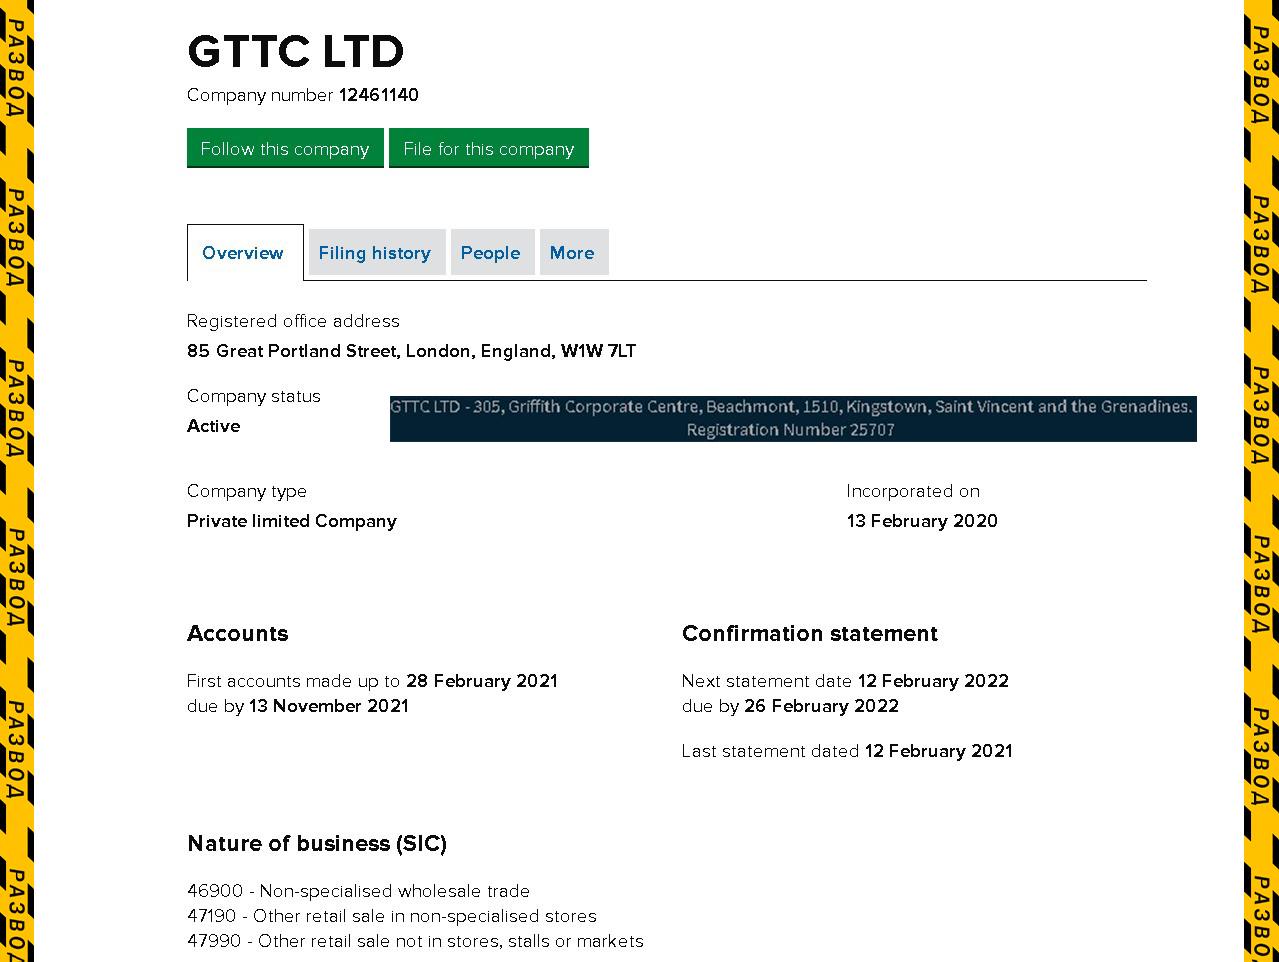 настоящая зарегистрированная компания gttc ltd